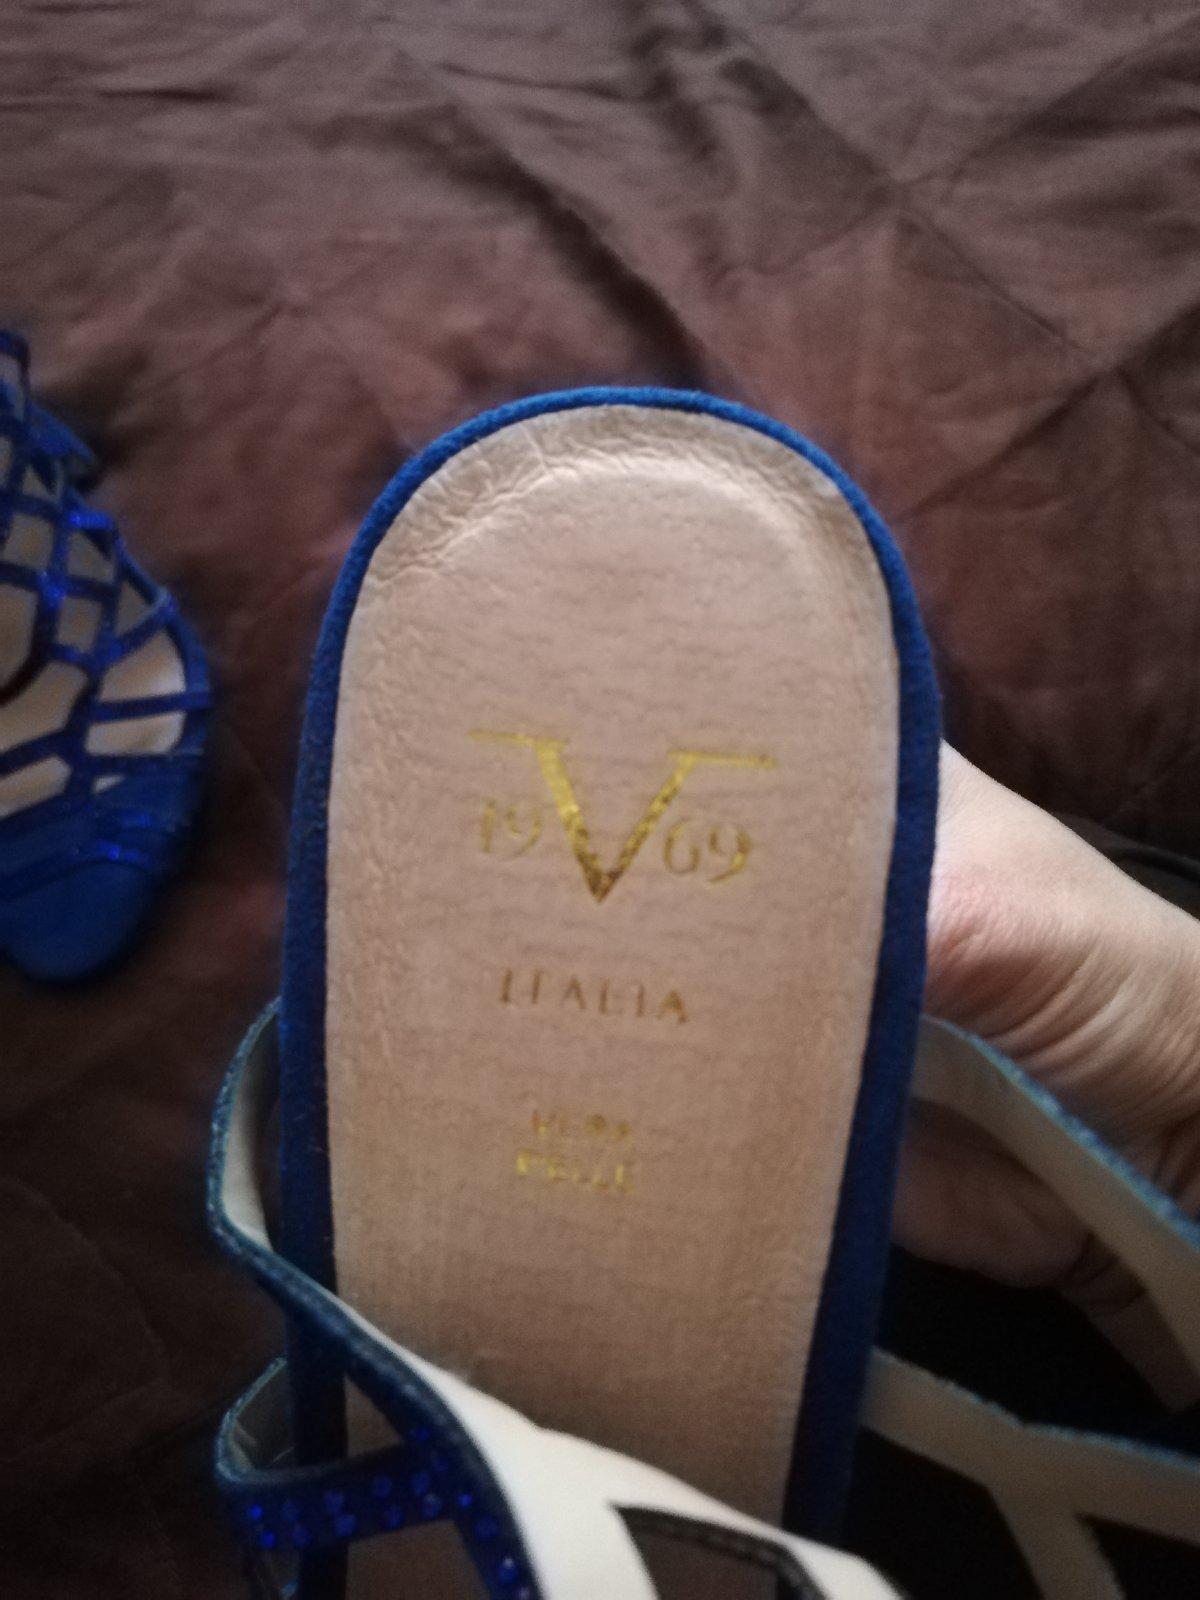 Sandalky Versace - Obrázok č. 4